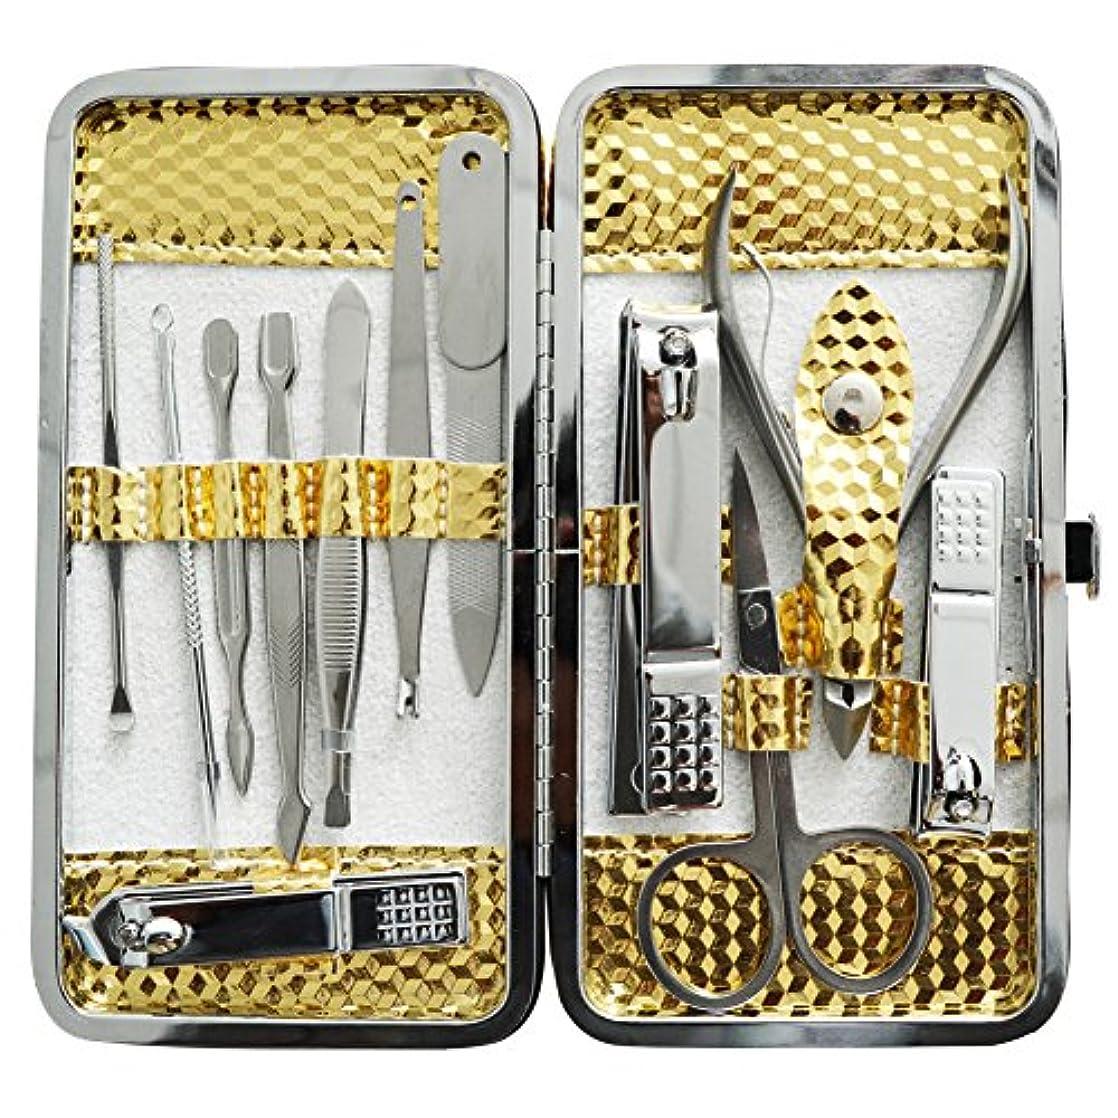 ピストル認可マウントバンク爪切りセット 耳掃除機 12枚はさみ、キューティクルをトリマー、耳かき、ナイフ